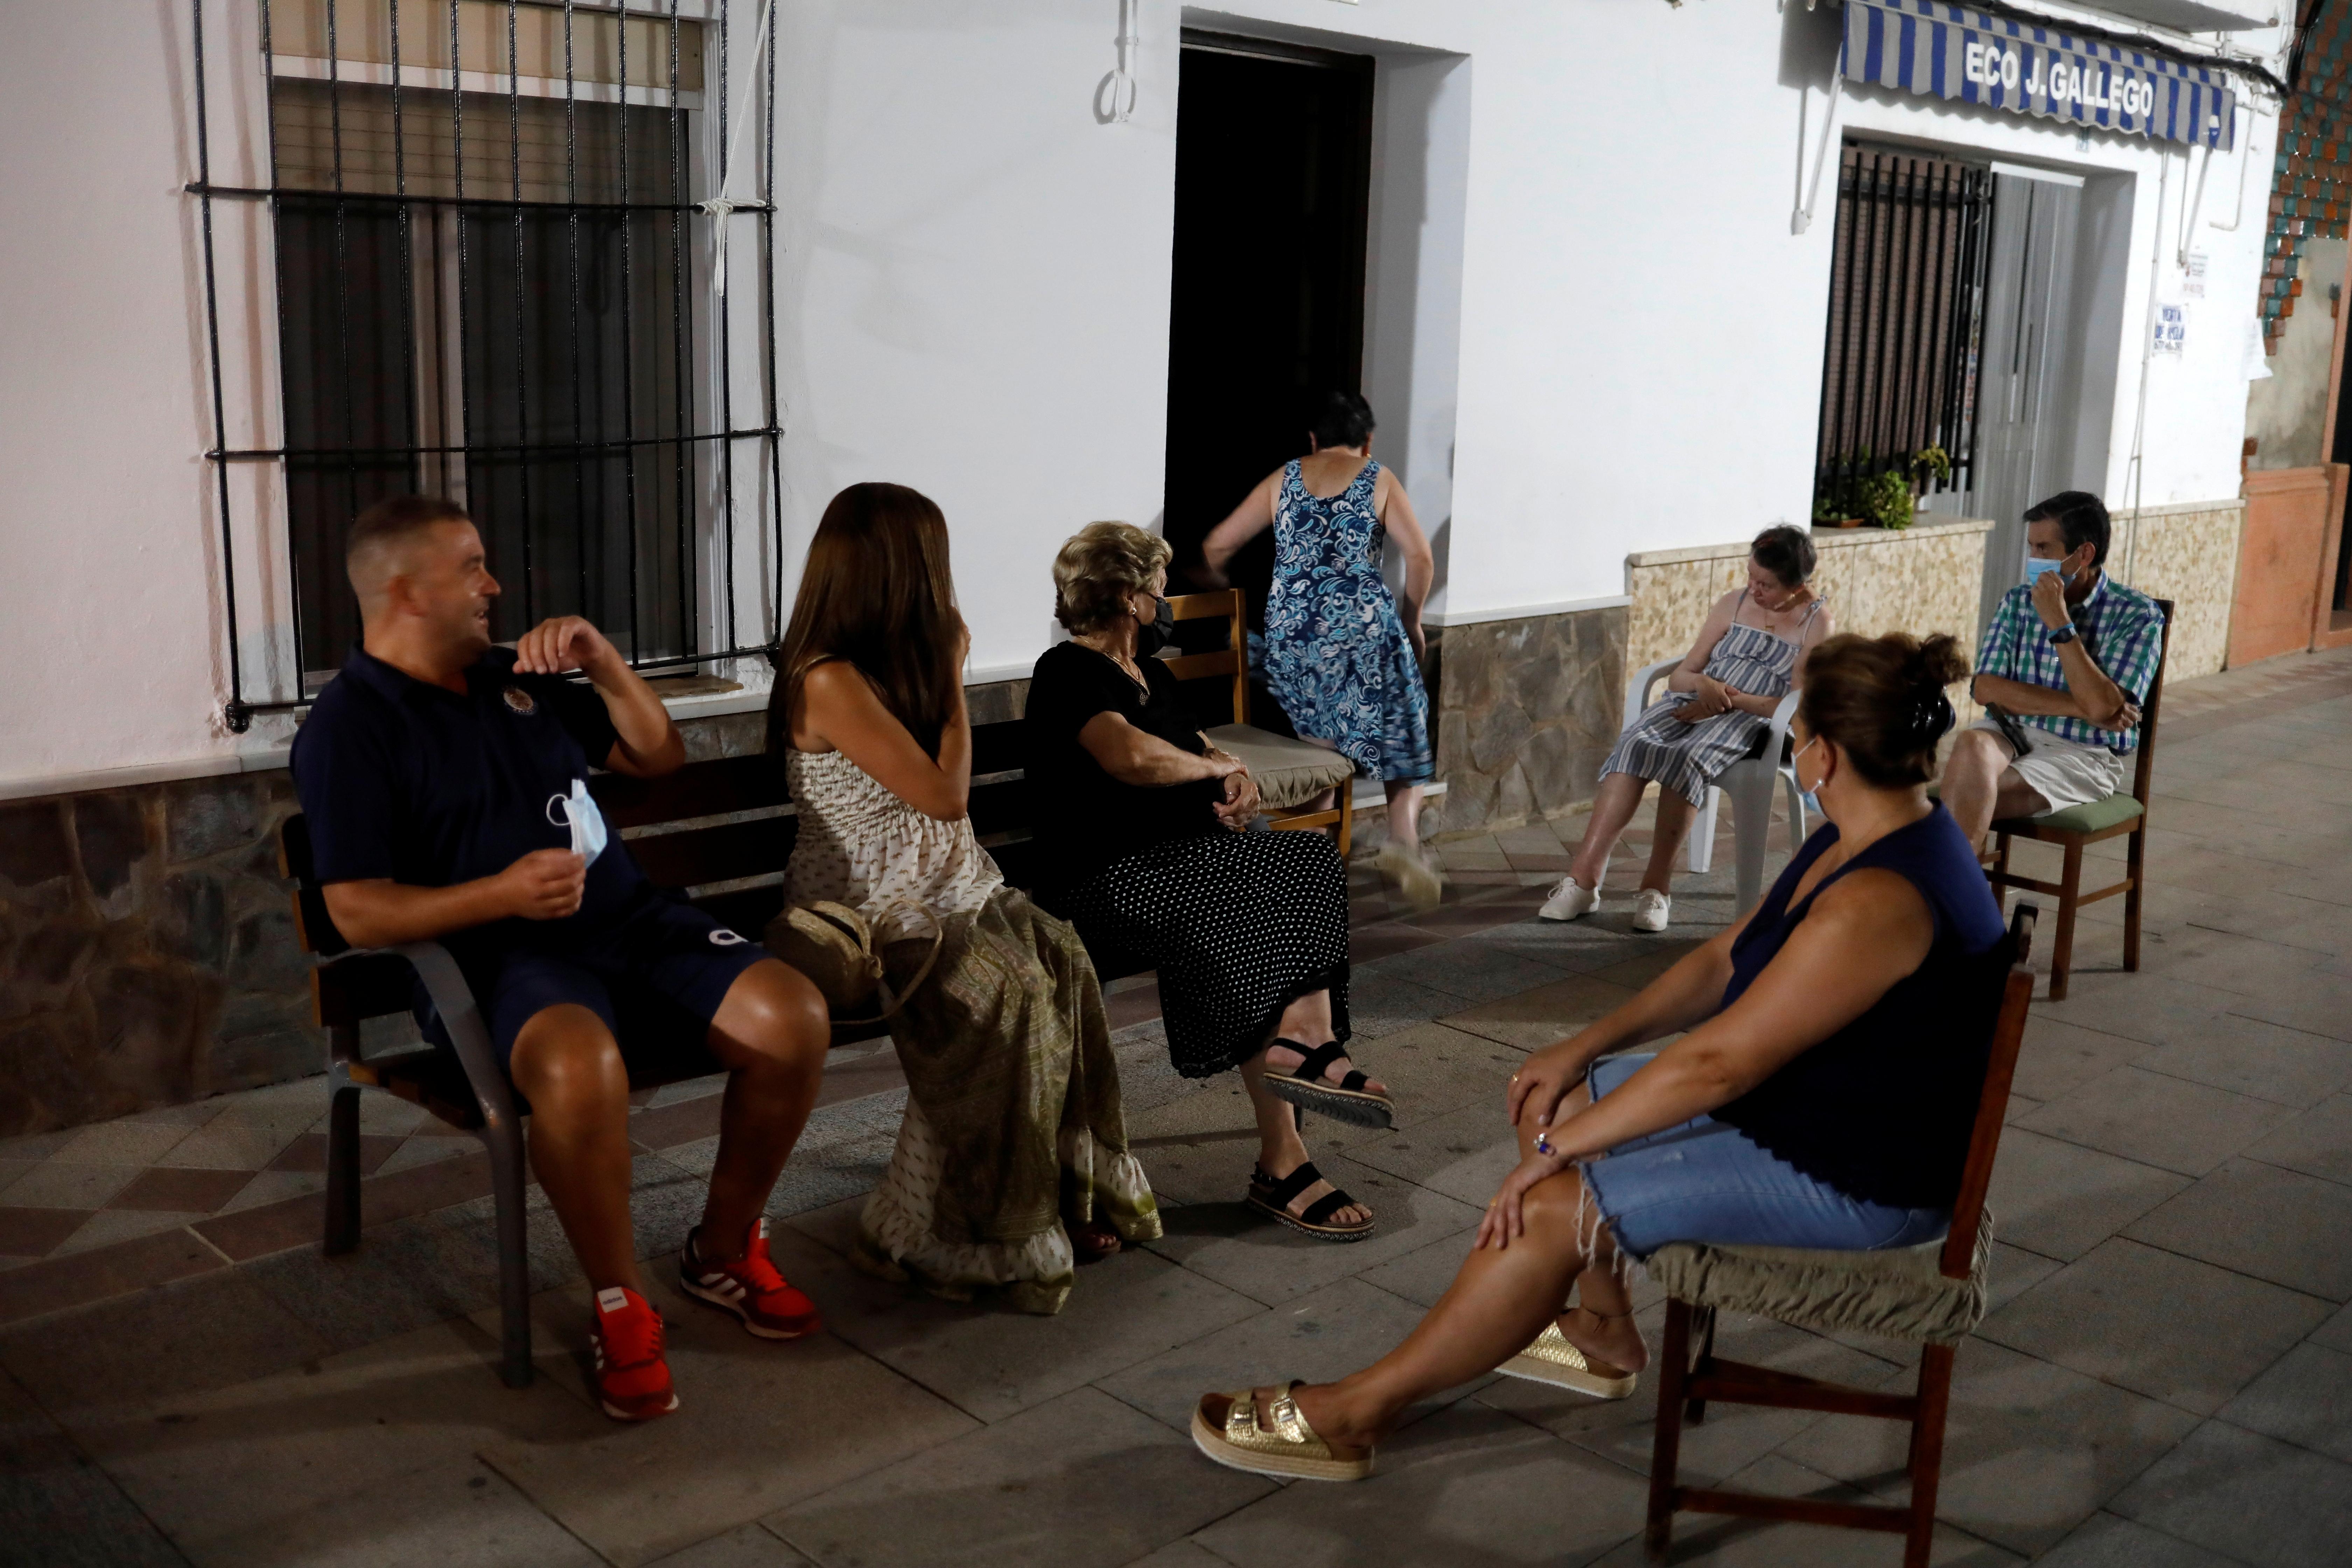 Spanish town takes neighbourly chats 'al fresco' to UNESCO